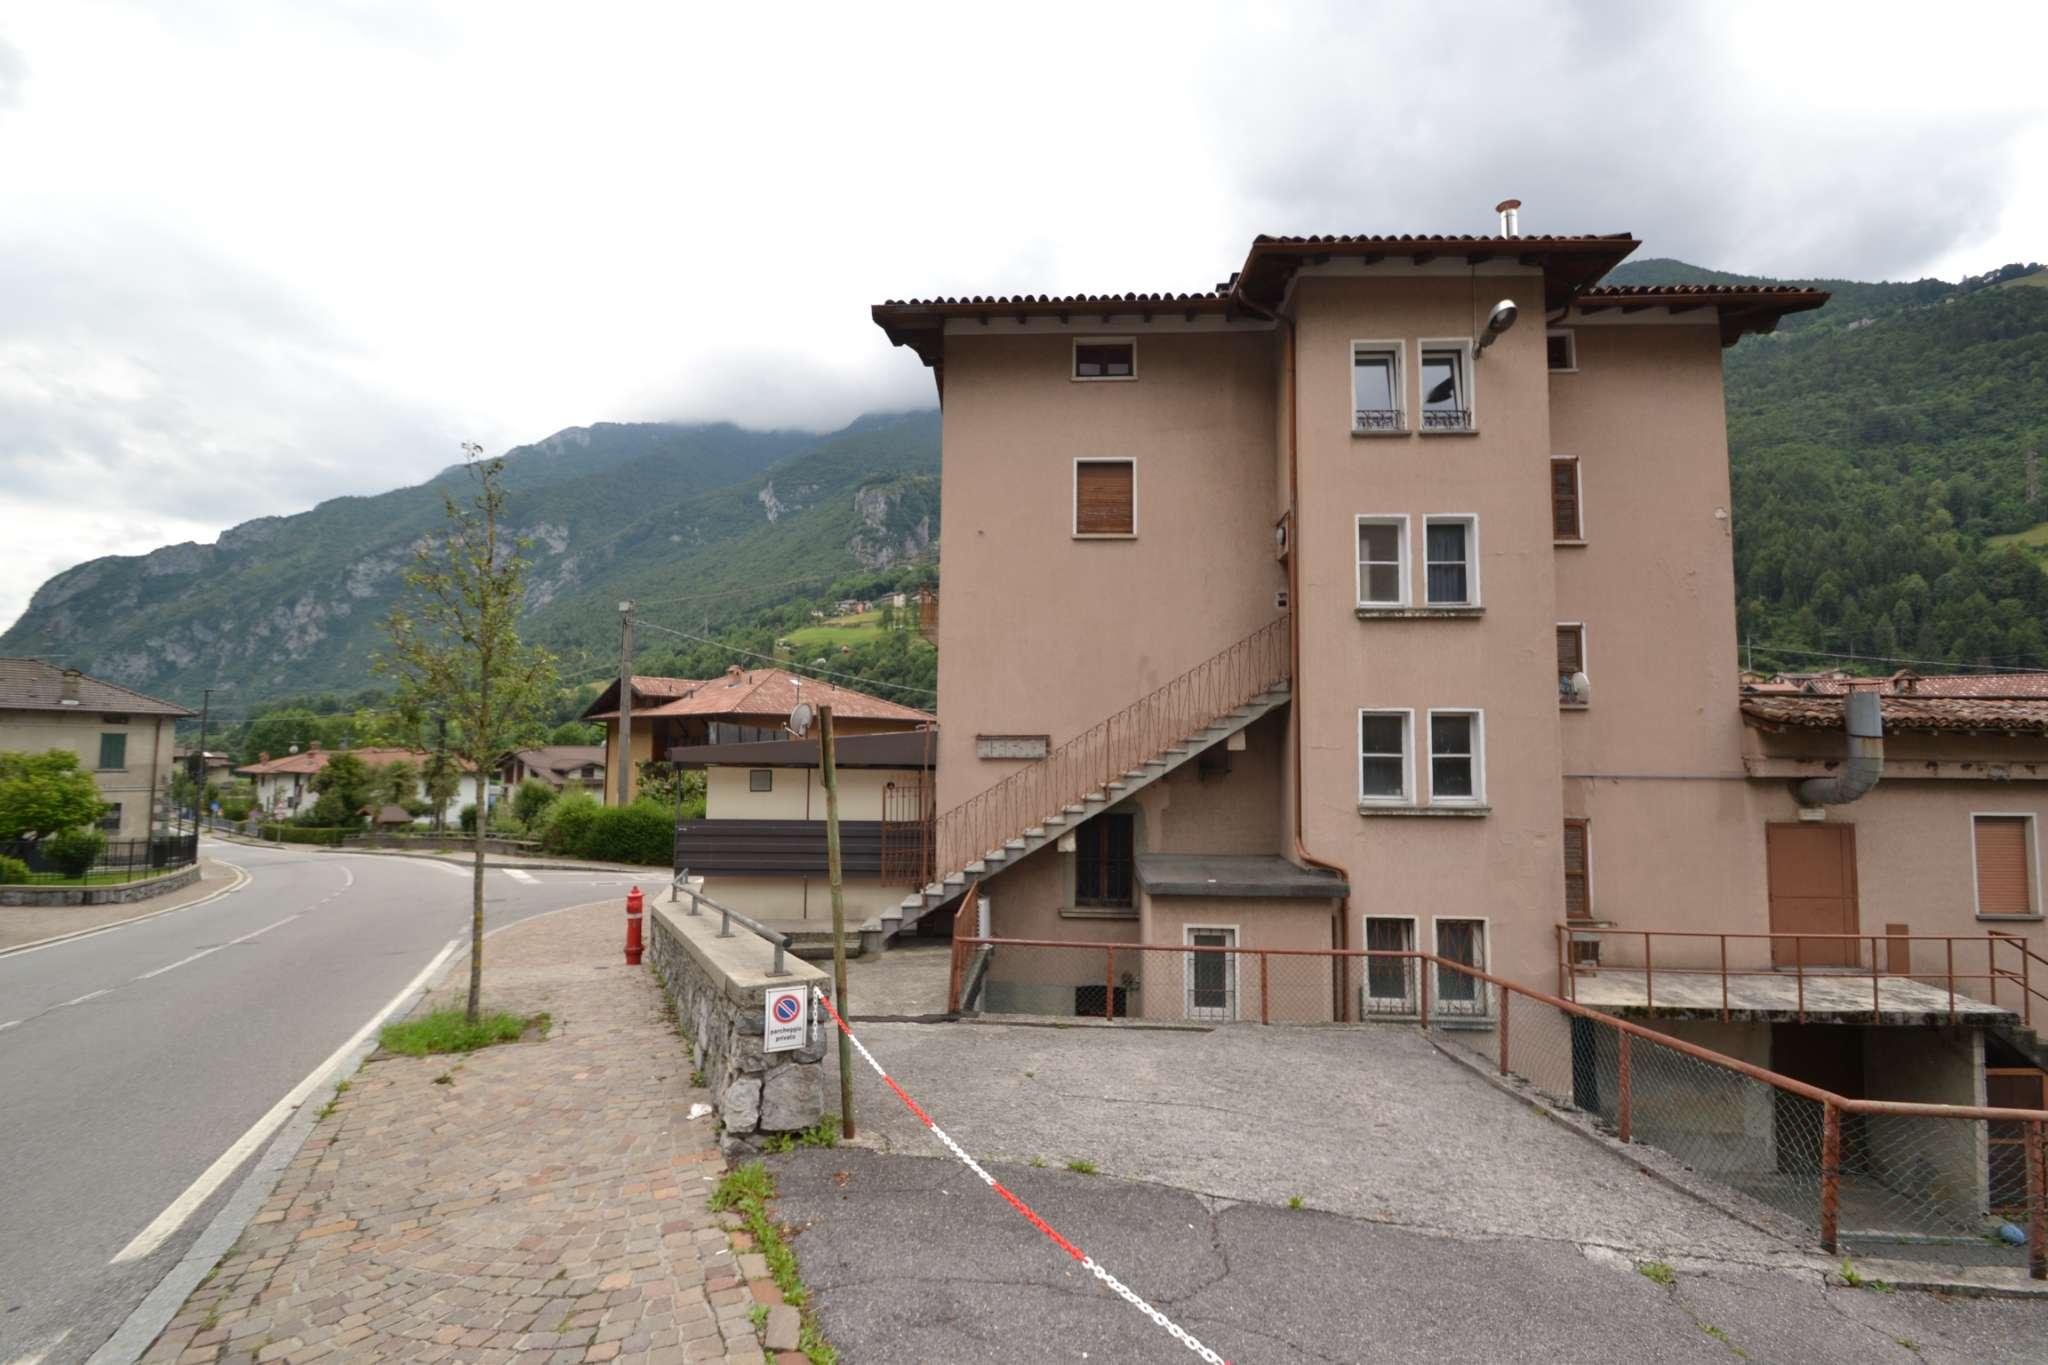 Immobile Commerciale in vendita a Ardesio, 4 locali, prezzo € 340.000 | PortaleAgenzieImmobiliari.it